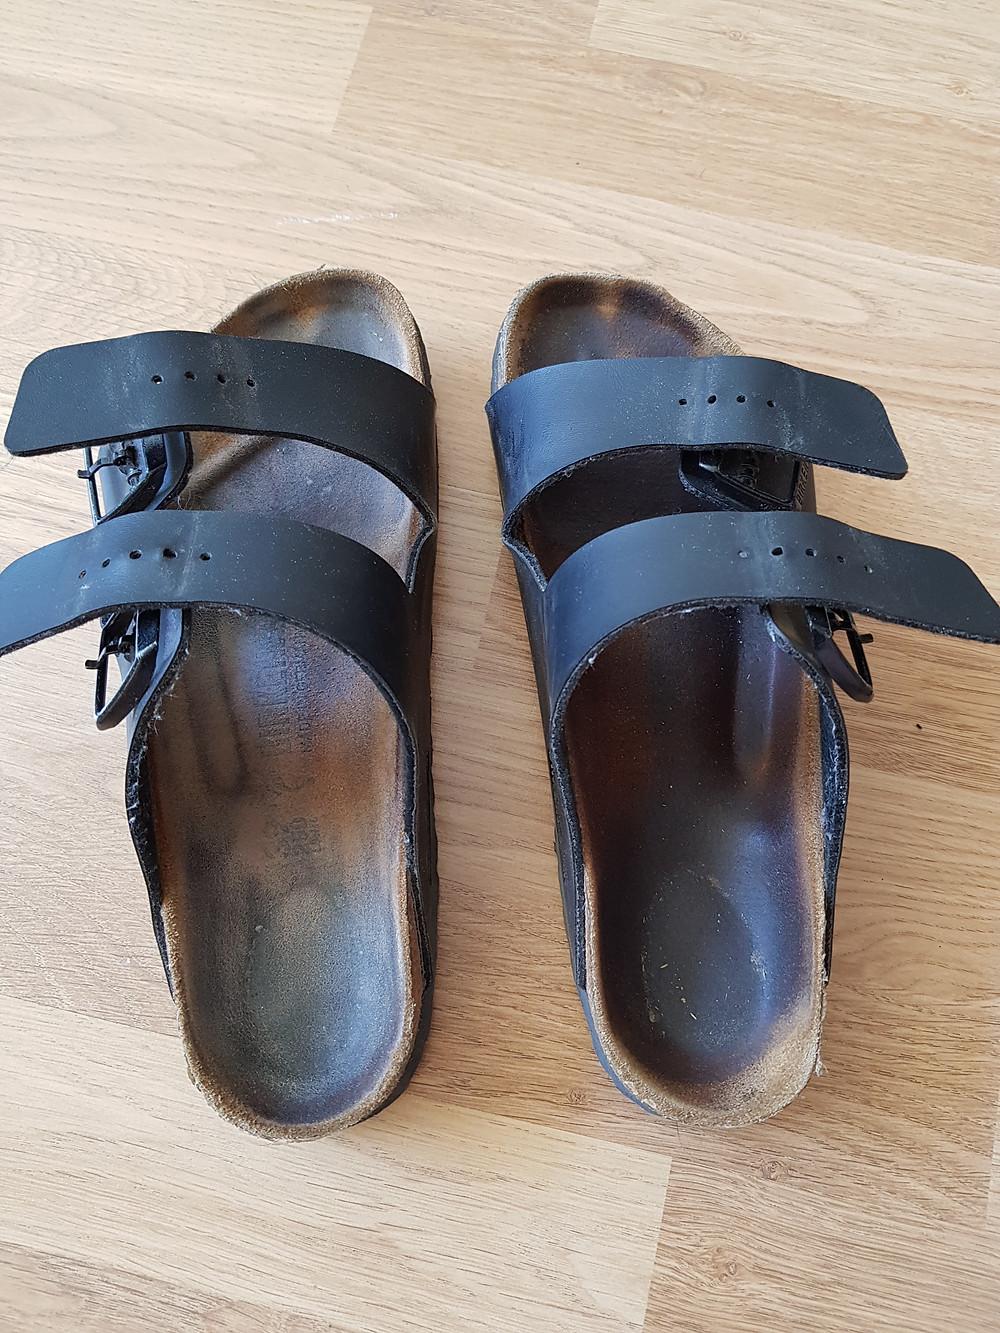 Välivaihekuva kahdesta sandaalista, joista vasemmalla puolella olevalla on vaaleampi, puhtaampi pohja mokkakivellä kumituksen jälkeen.